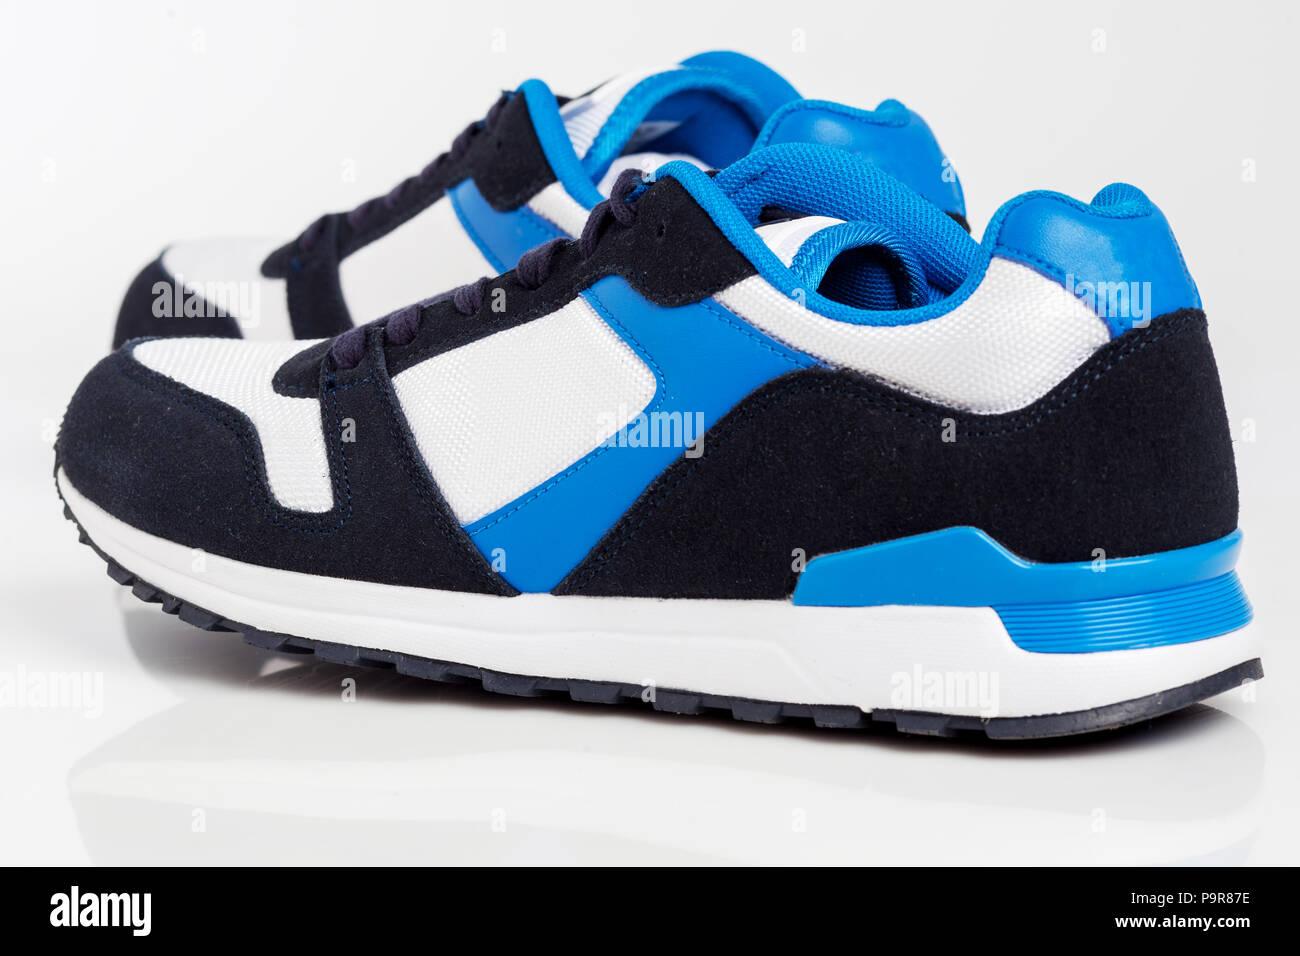 Sport laufen oder walken Schuhe auf weißem Hintergrund